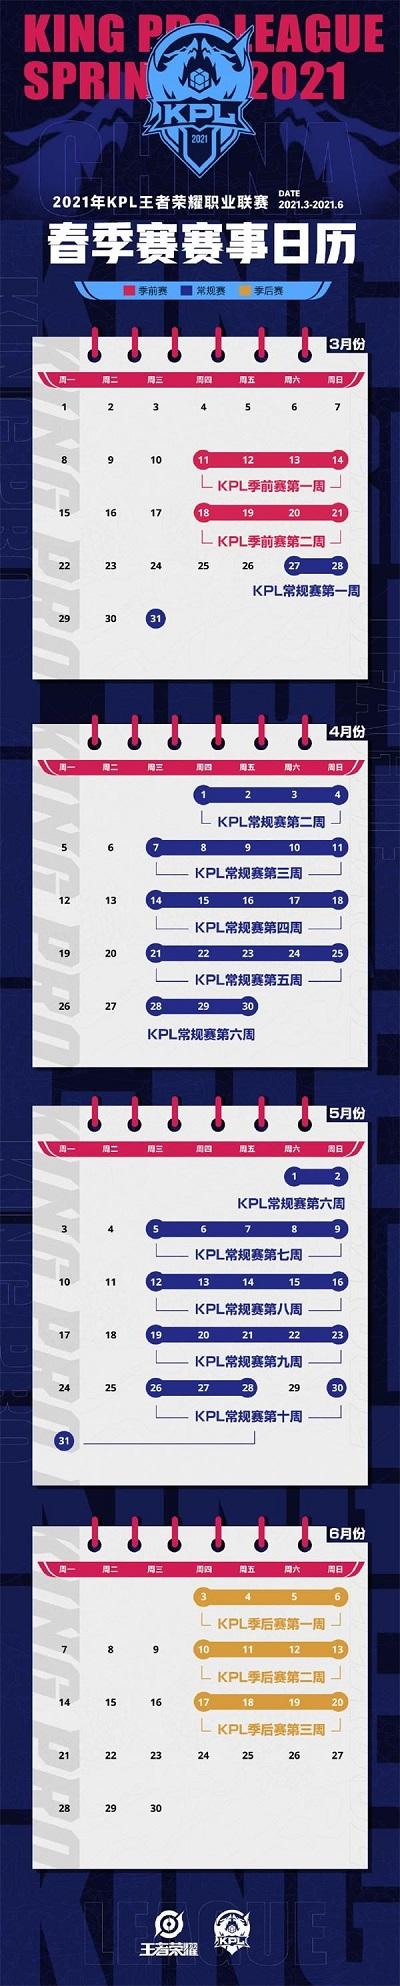 王者2021kpl春季赛赛程表